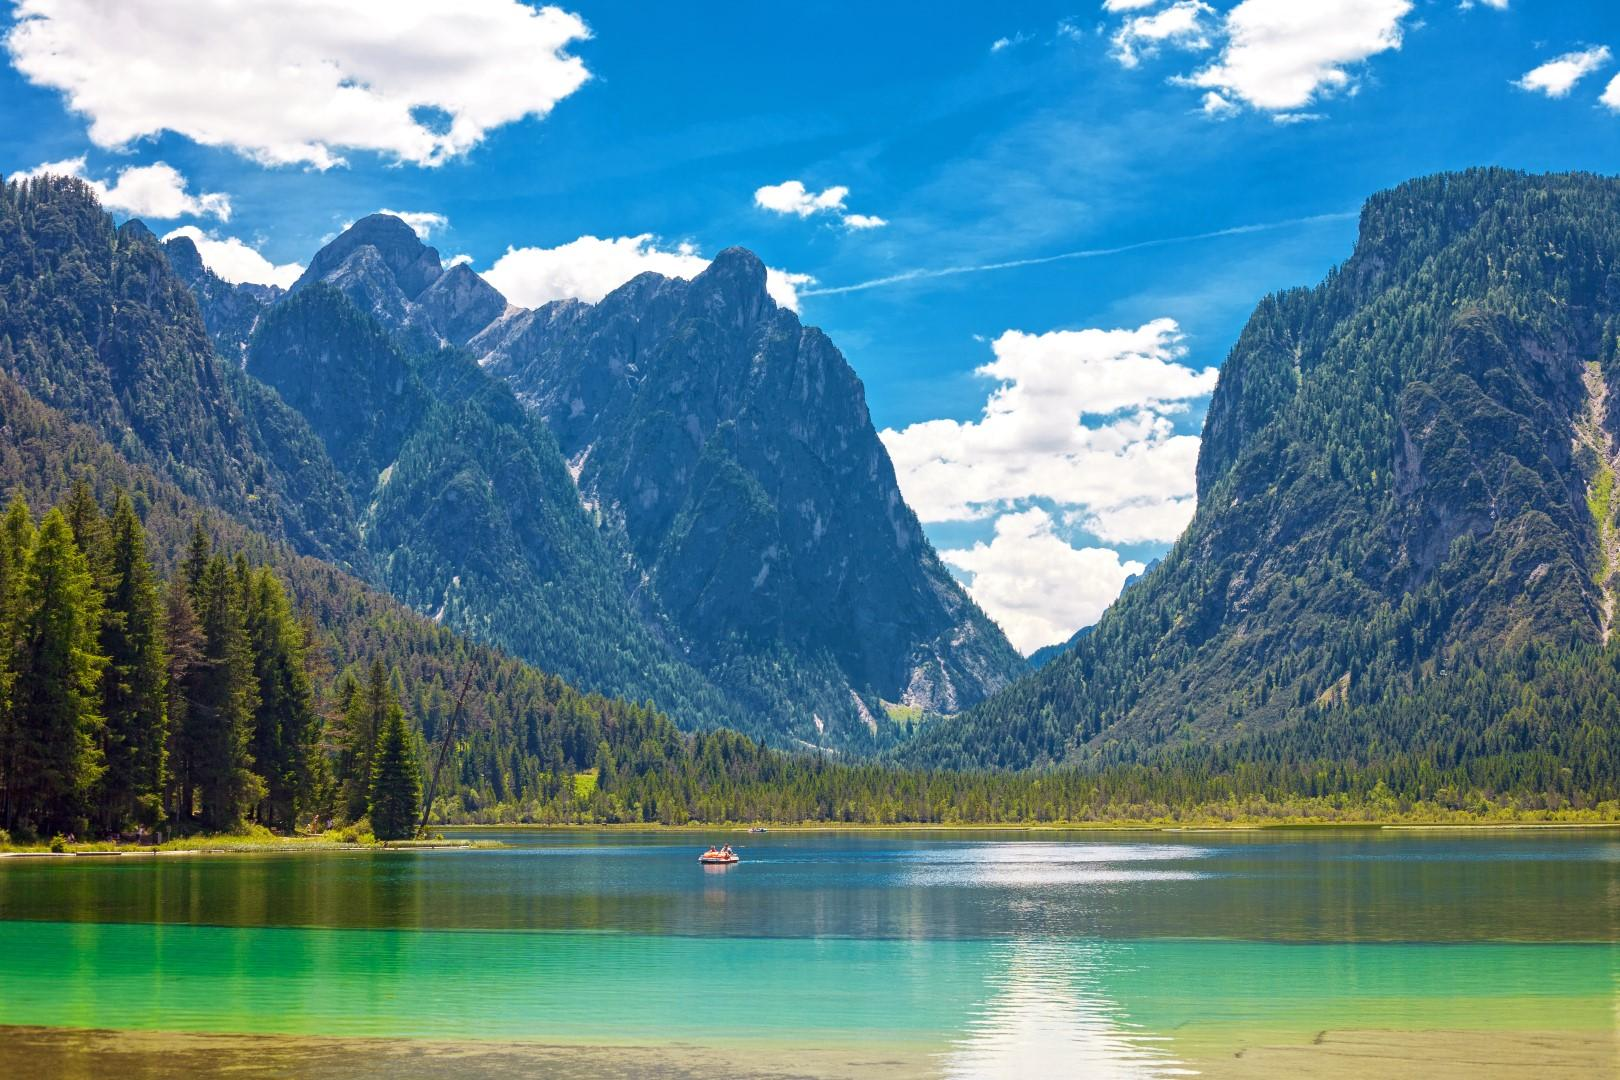 Parchi naturali ecco i pi belli d europa tgcom24 for Paesaggi naturali hd